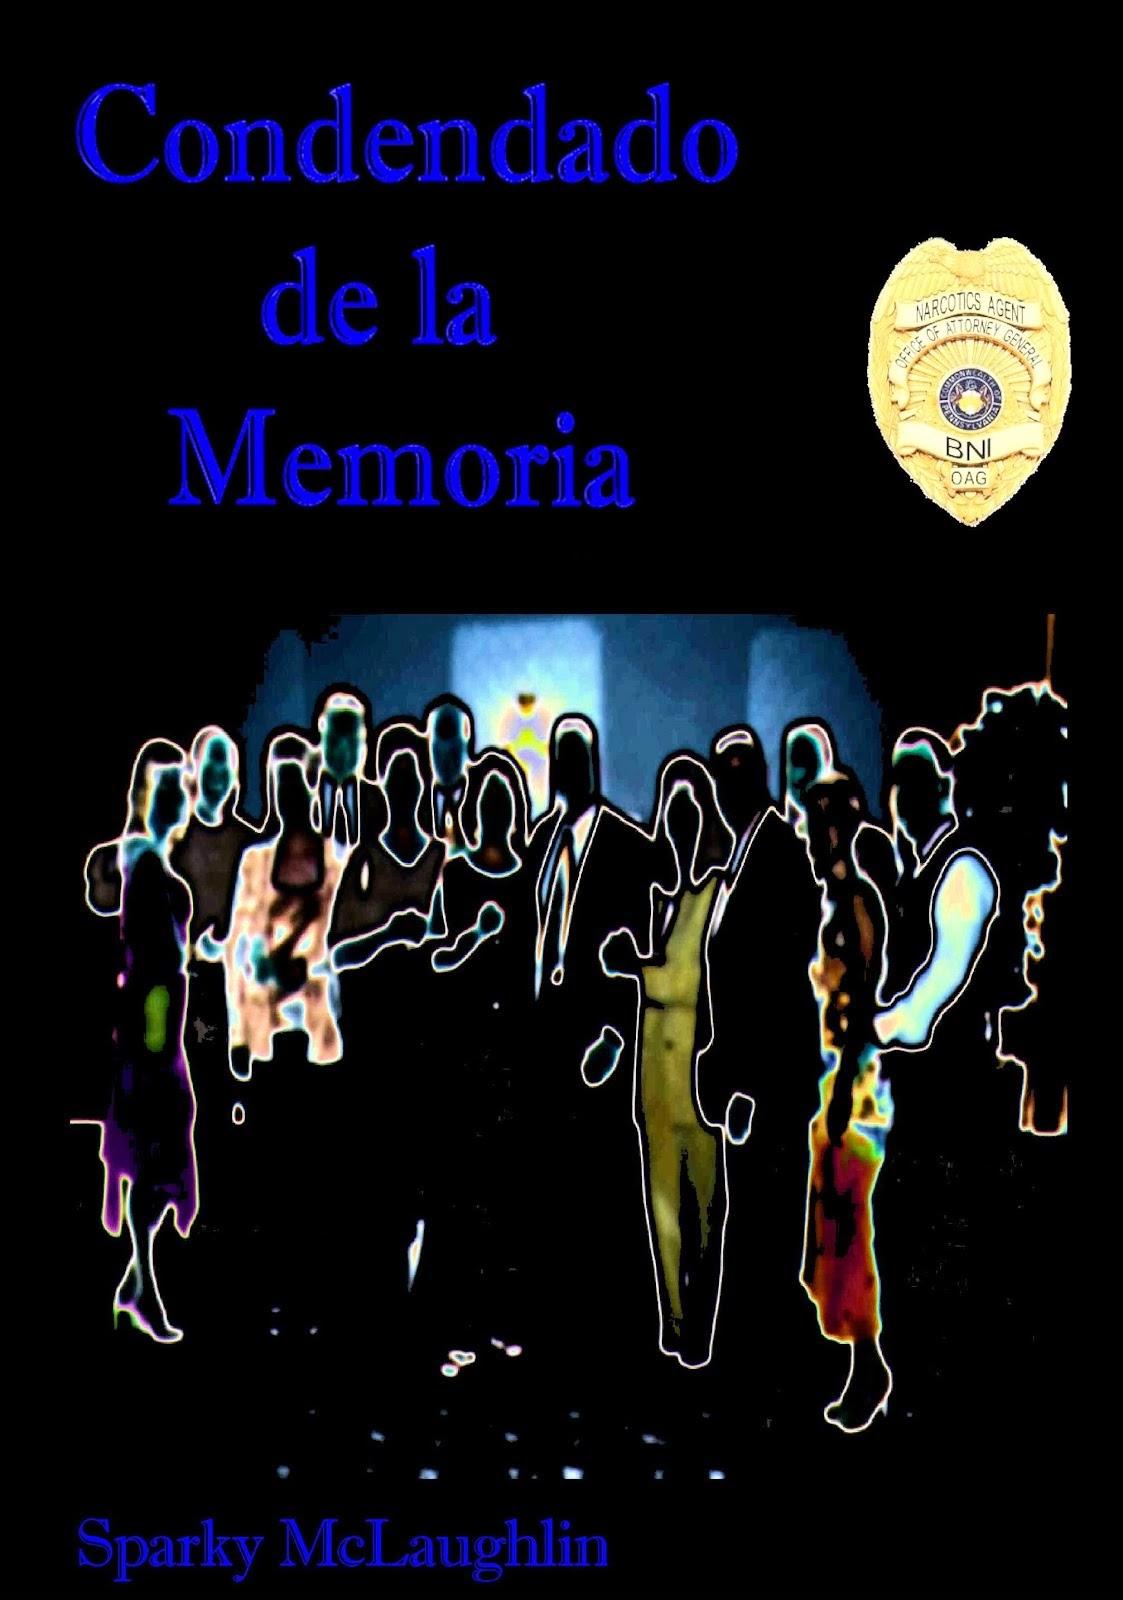 Condendado de la Memoria